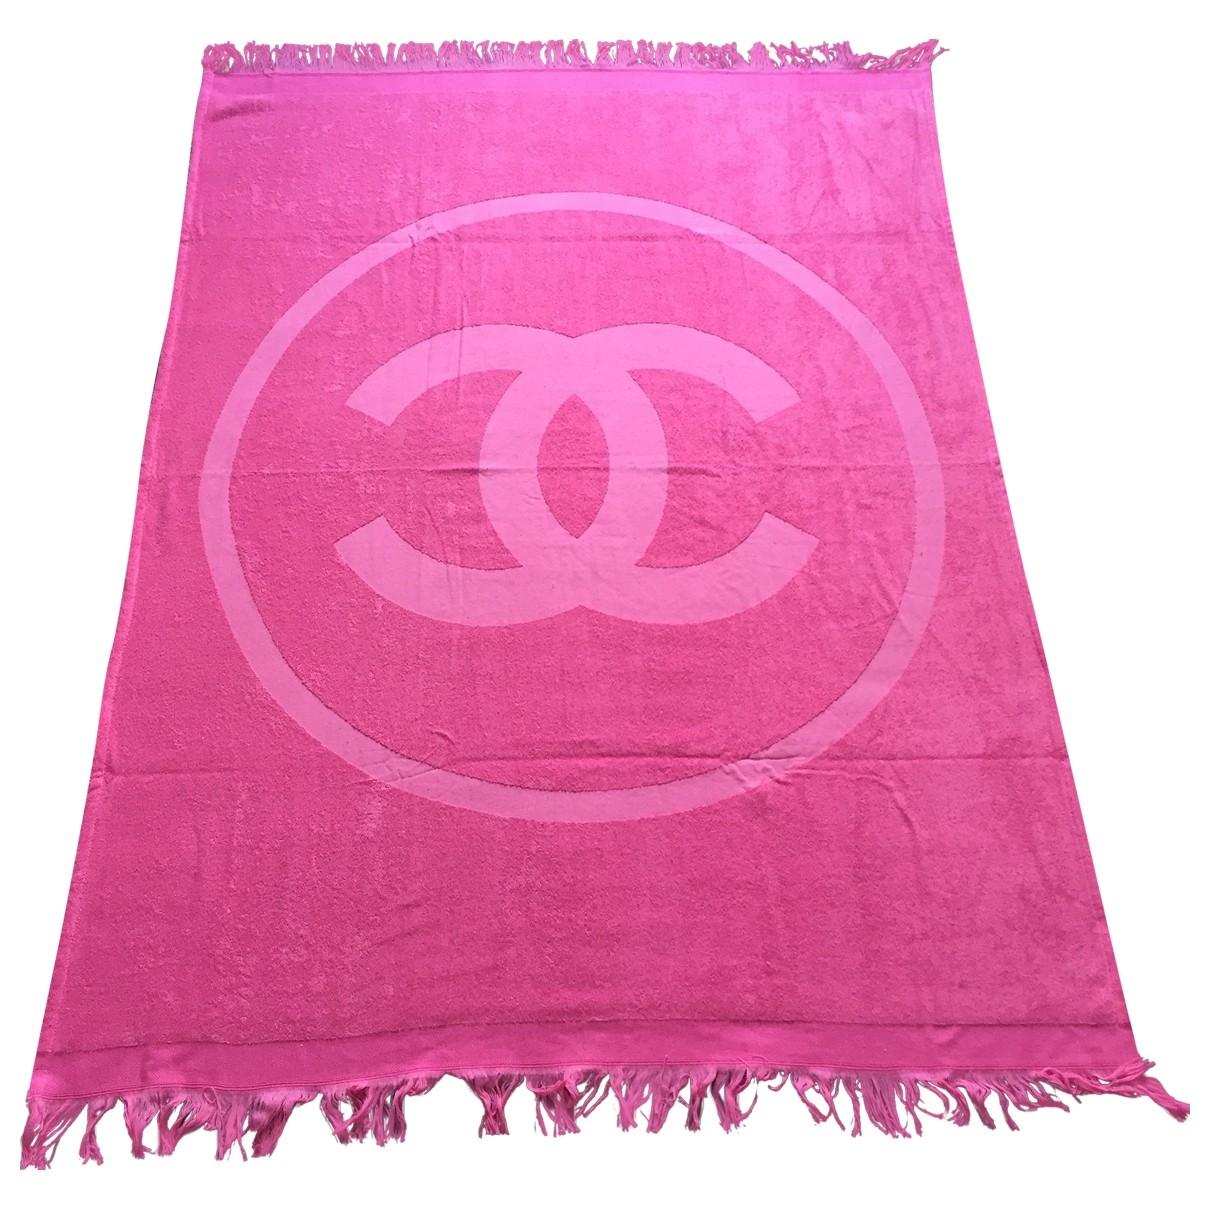 Chanel - Linge de maison   pour lifestyle en coton - rose